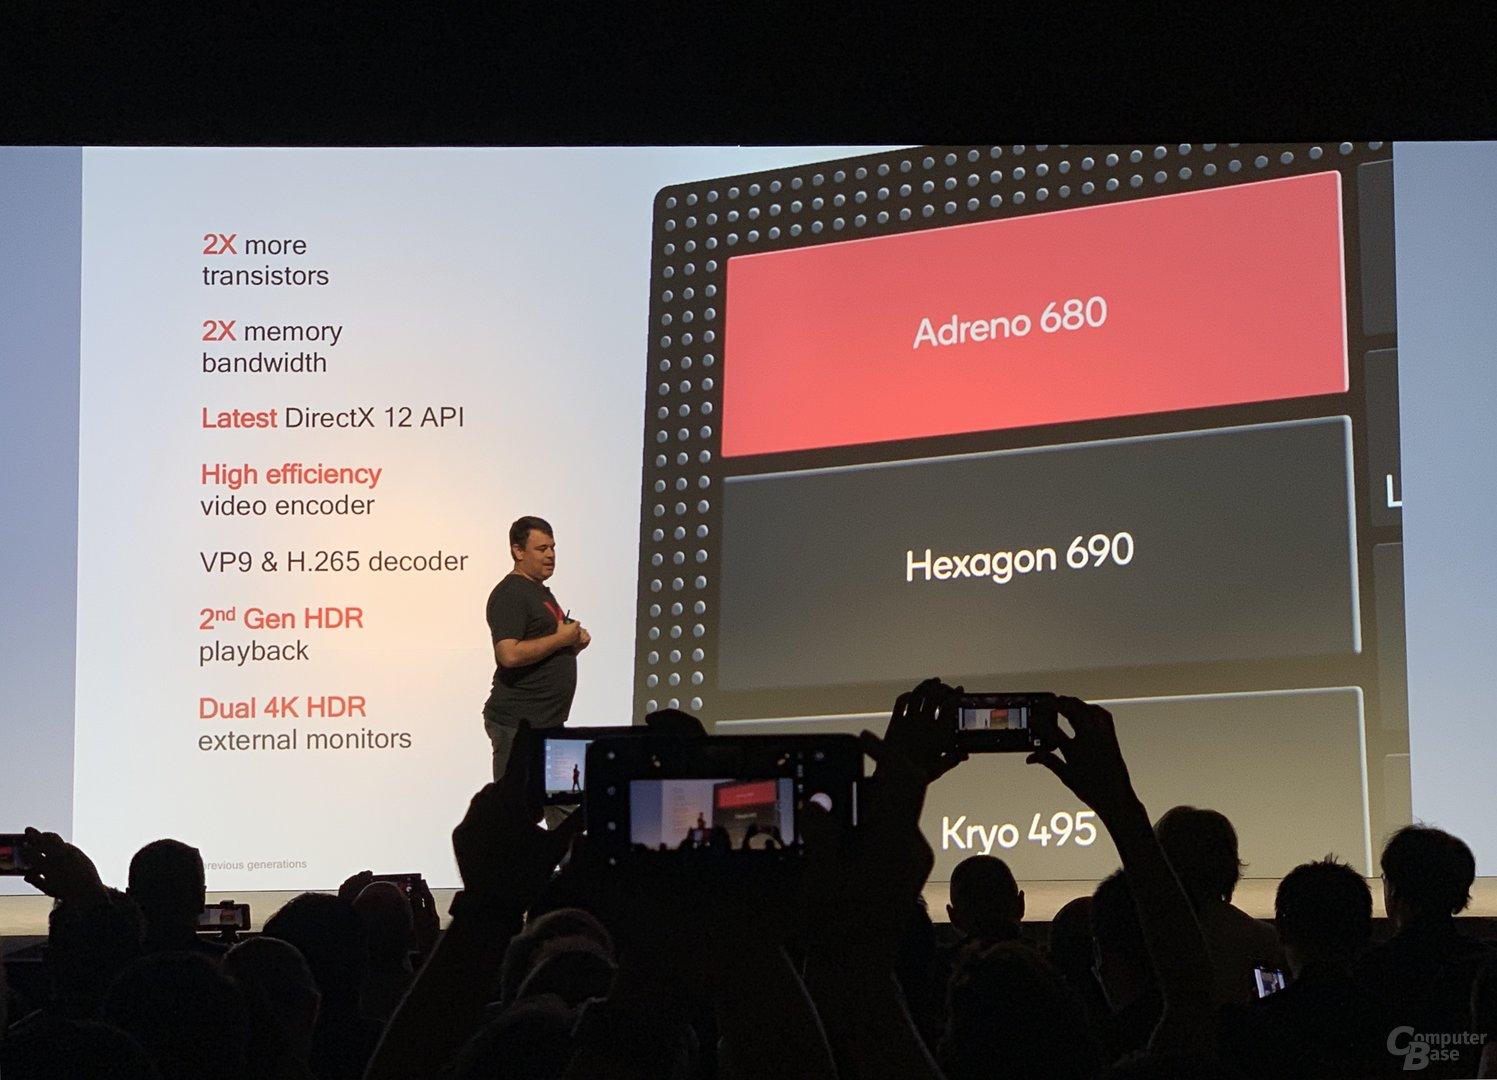 Veränderungen an der GPU für die Adreno 680